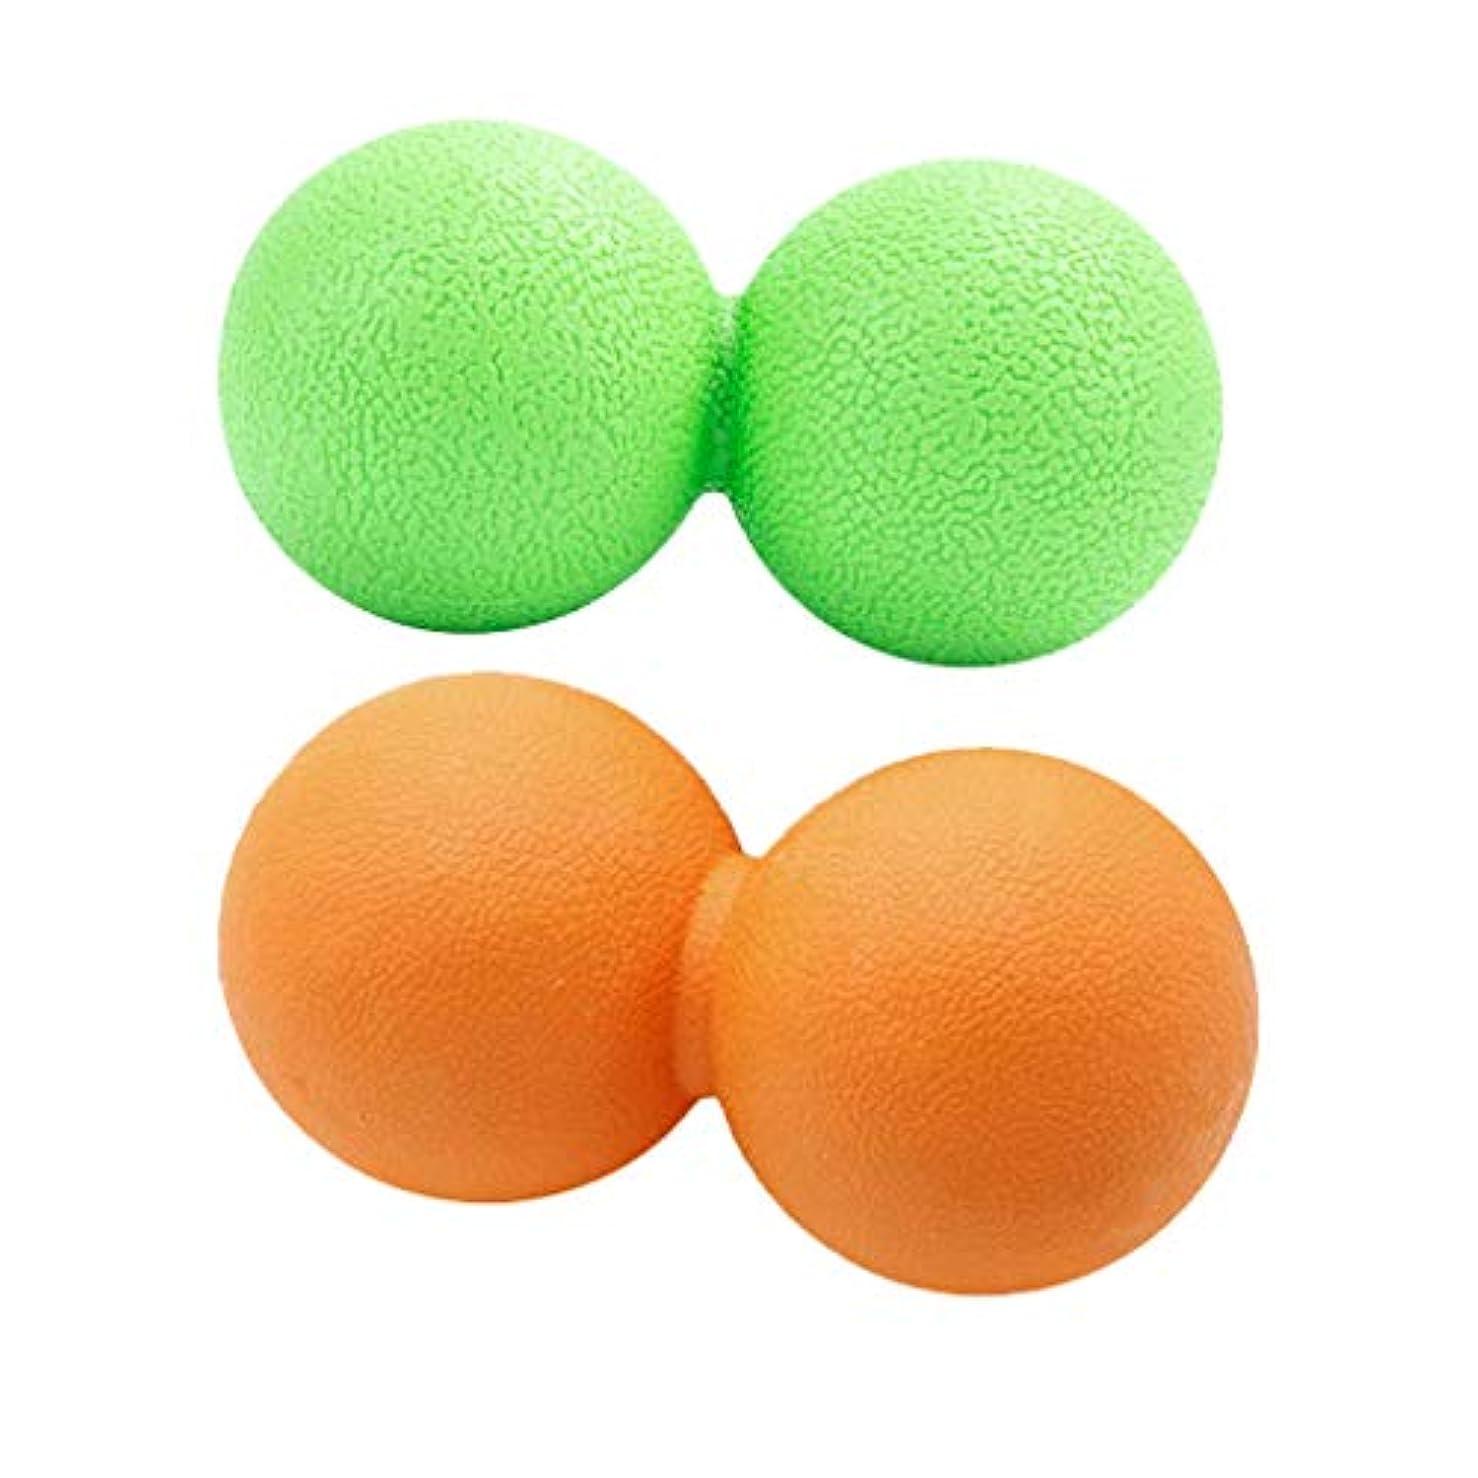 疑い者時期尚早一般的に言えばdailymall 2xピーナッツマッサージボール筋膜リリーストリガーポイントディープティッシュマッサージャー